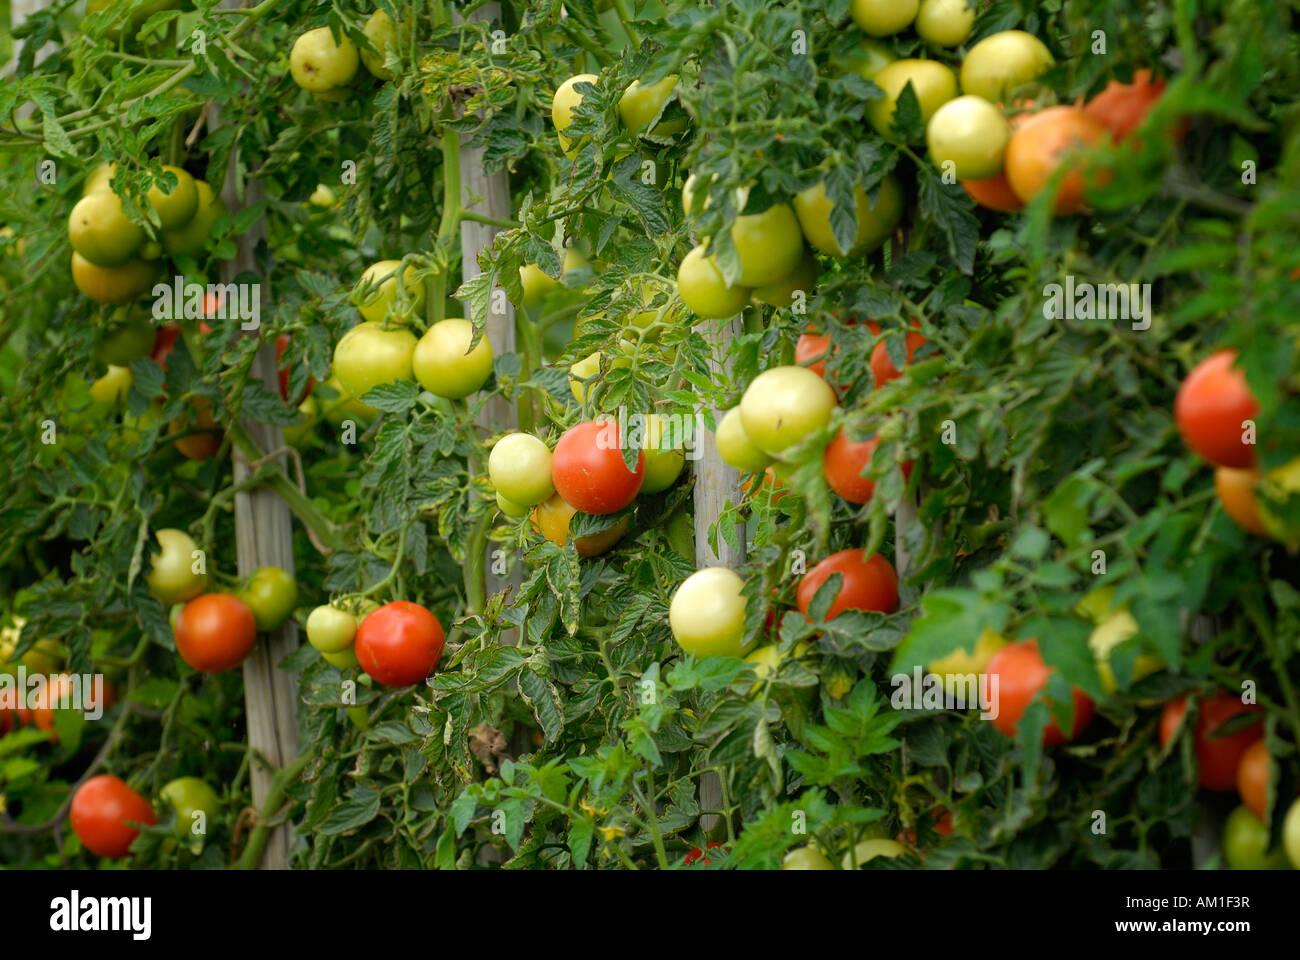 Unripe and ripe tomatoes (Solanum lycopersicum) - Germany, Europe. - Stock Image